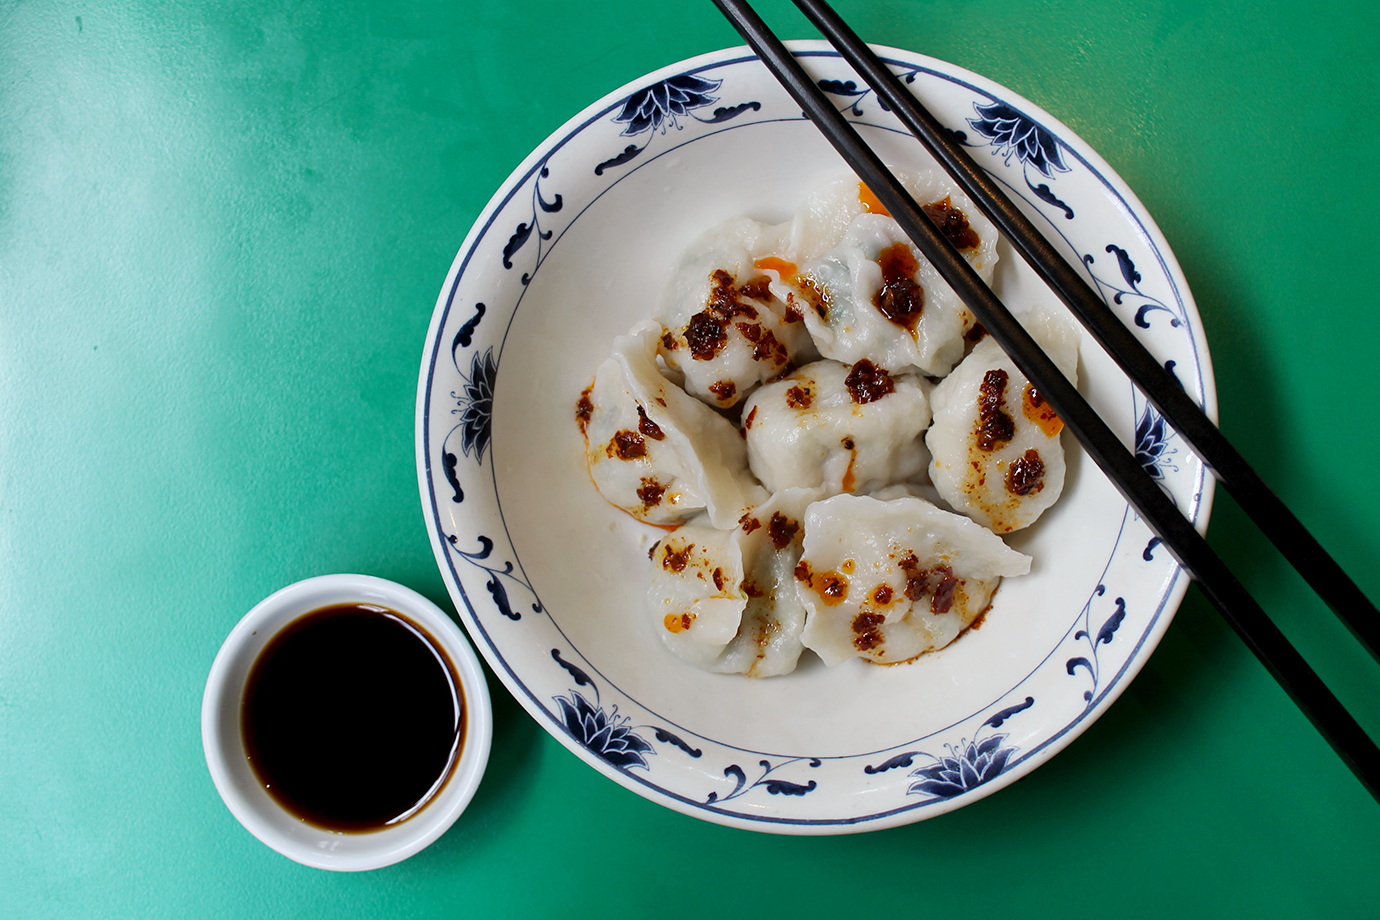 Best restaurants in Chinatown London: Jen Cafe